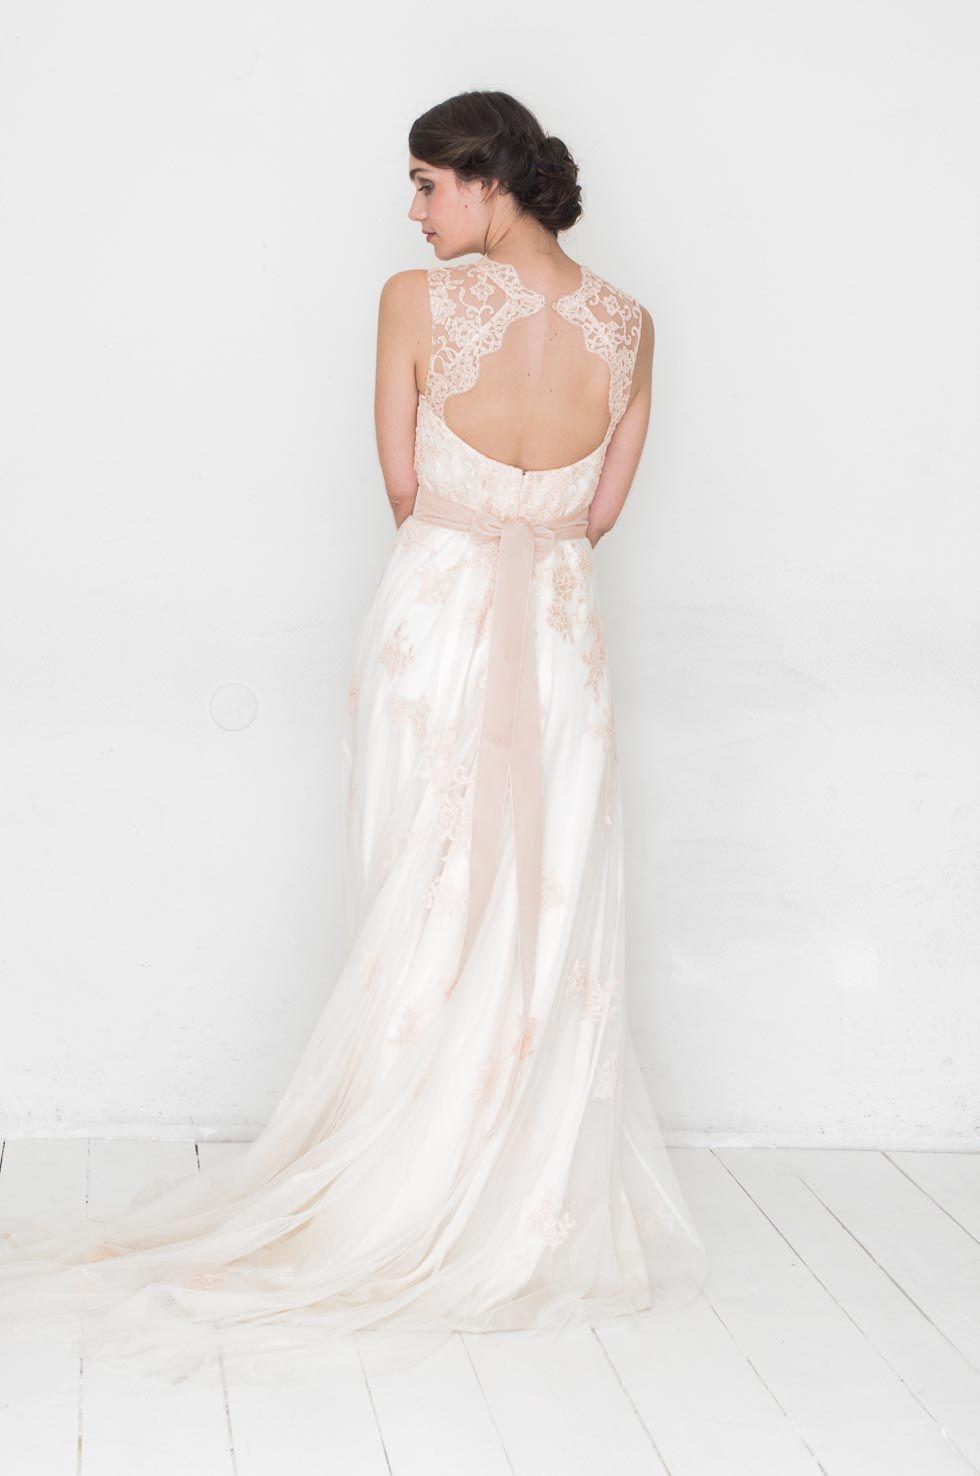 elfenkleid - | Pinterest | Elfenkleid, Brautkleid und Fotos